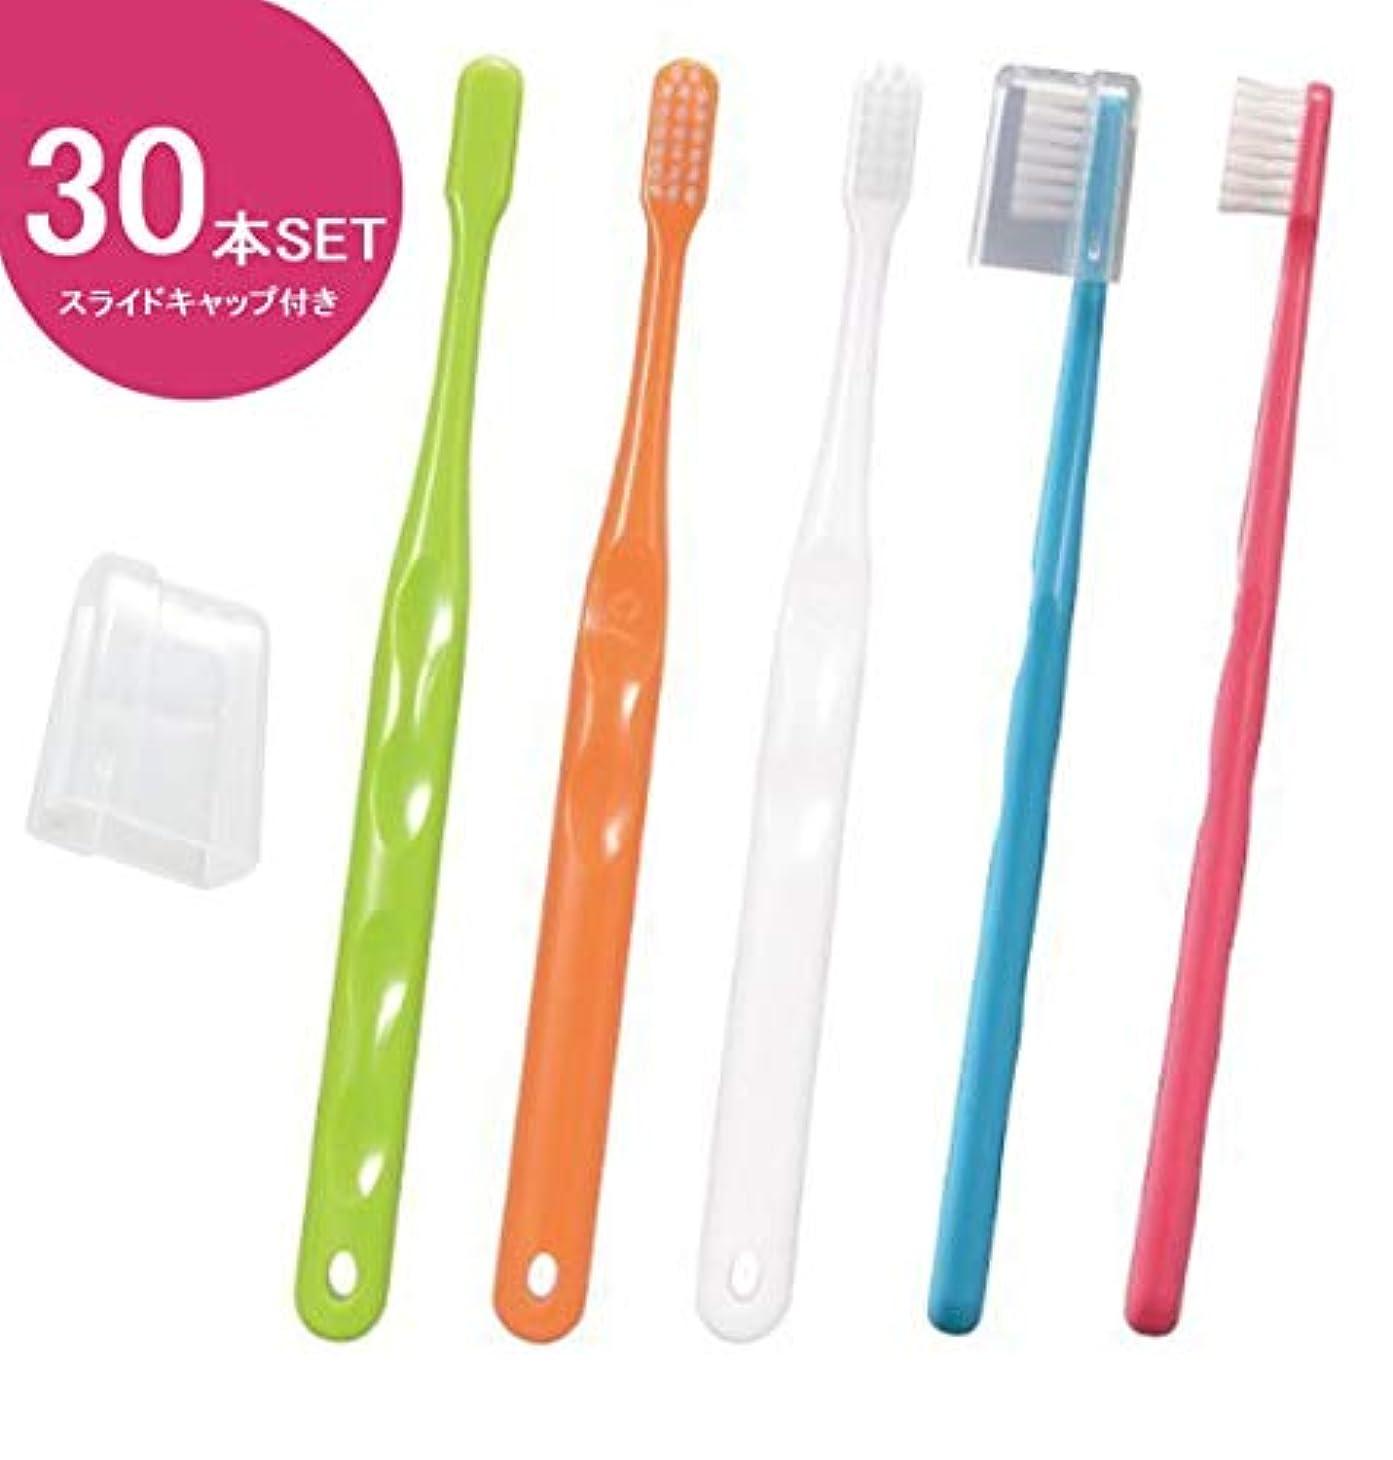 のぞき見幻滅する悪質なCiメディカル Ci700 (超先細+ラウンド毛) 歯ブラシ S(やわらかめ) スライドキャップ付き 30本